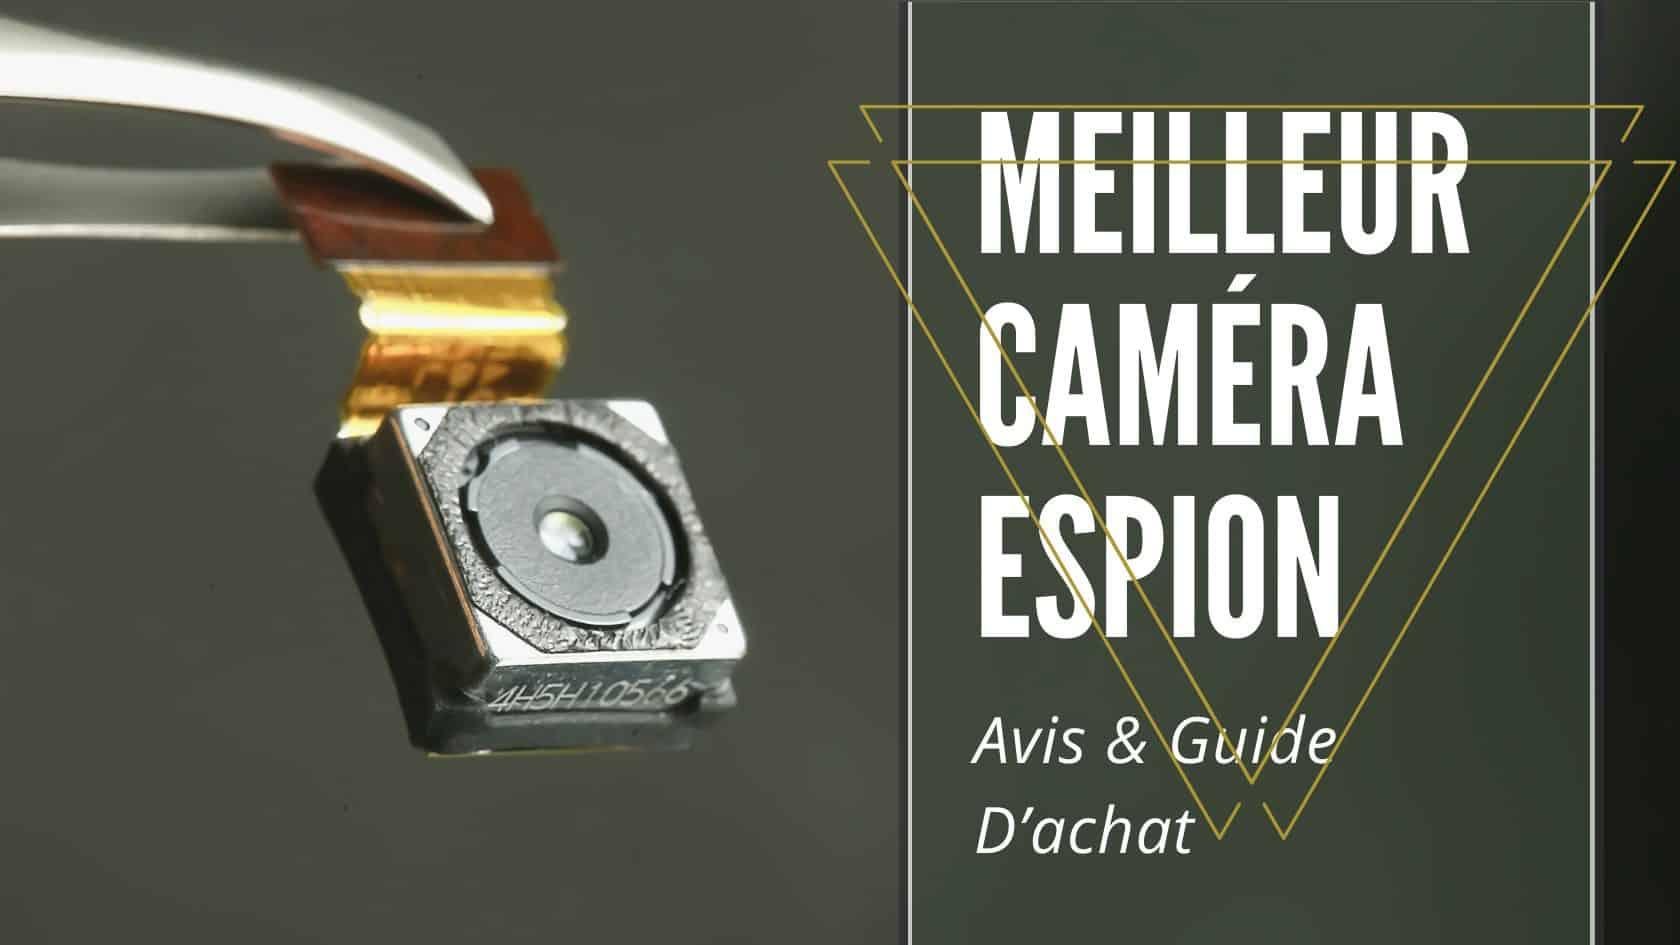 Meilleur Caméra Espion